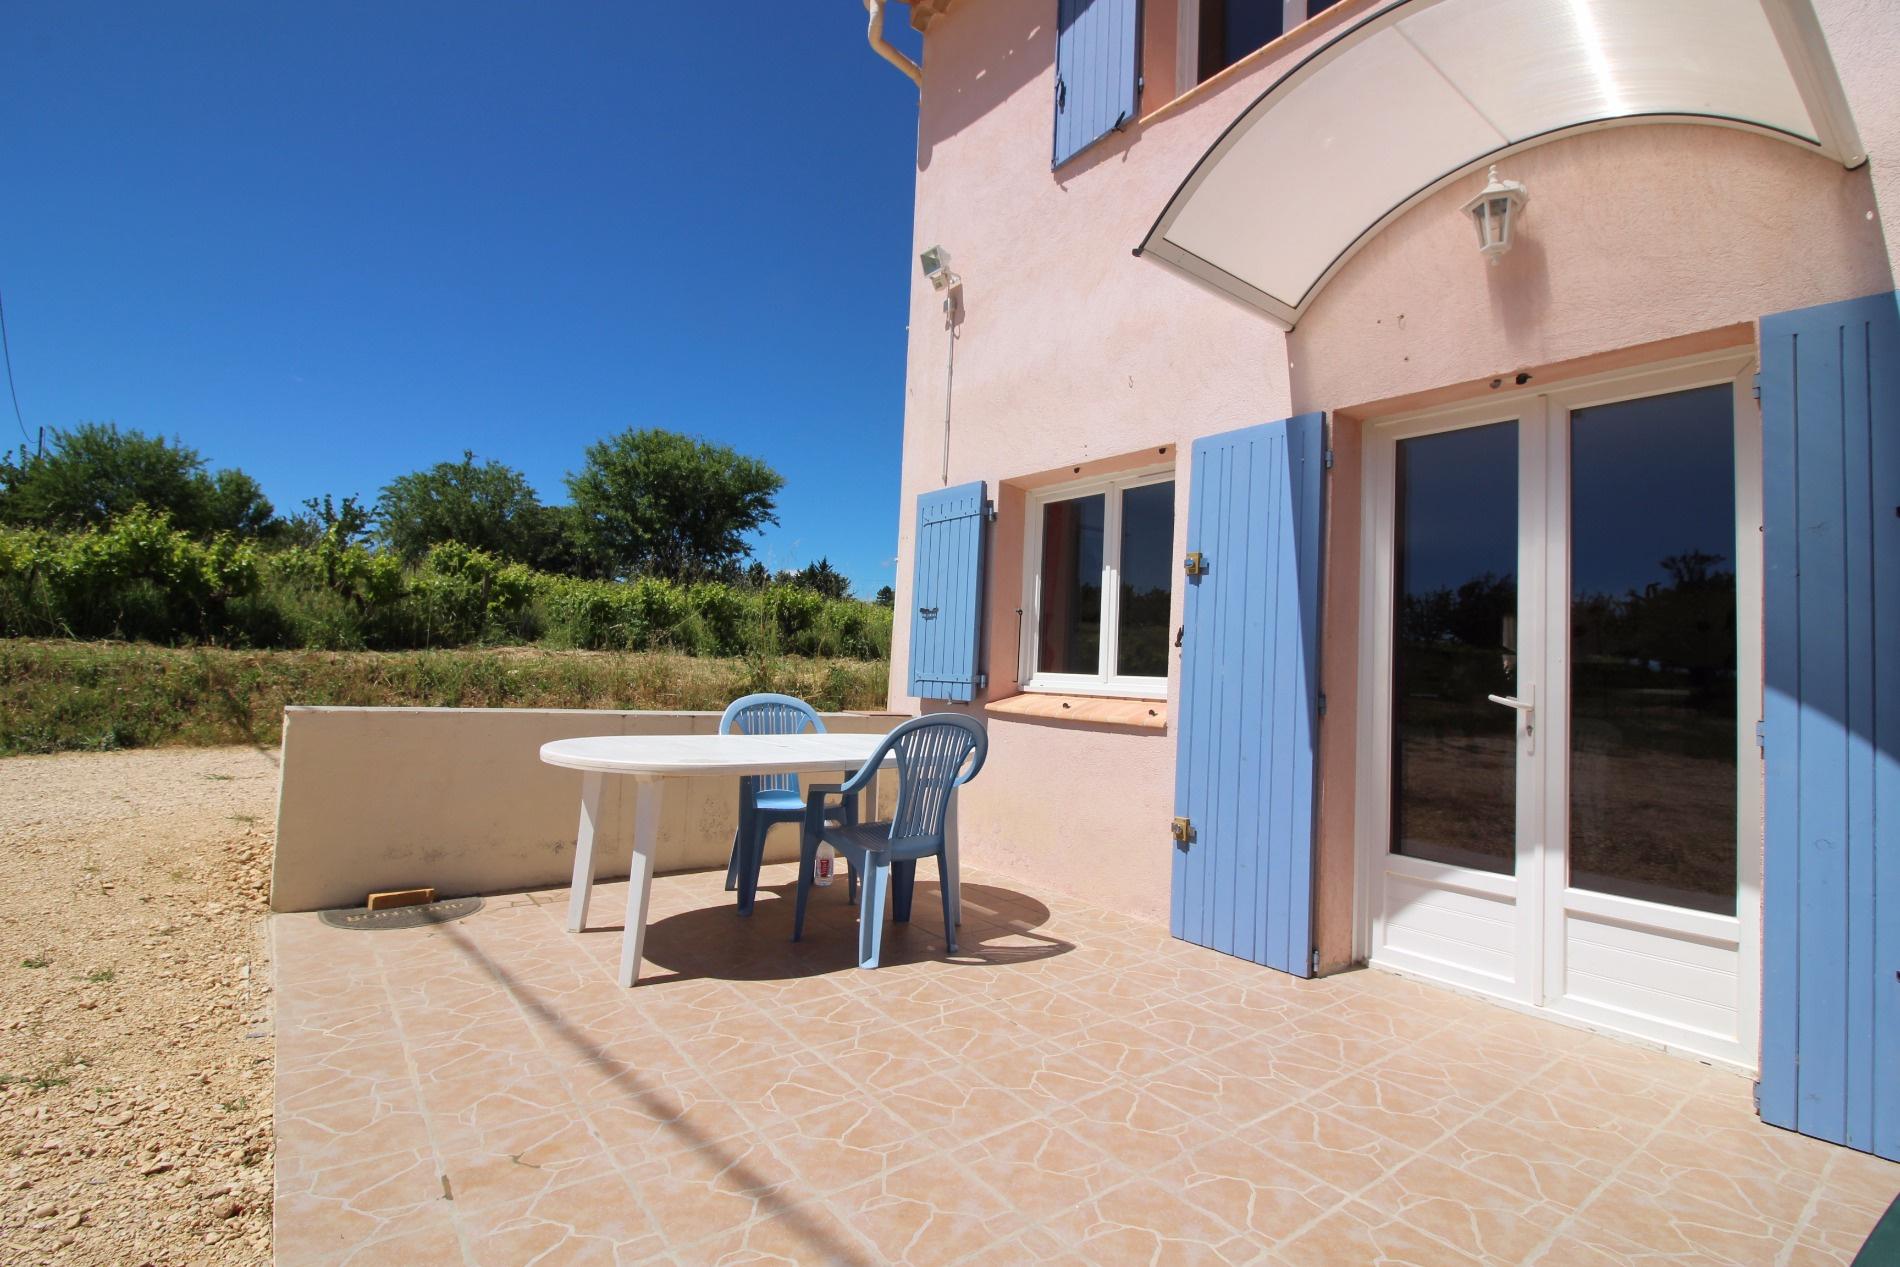 Vente maison/villa 5 pièces apt 84400